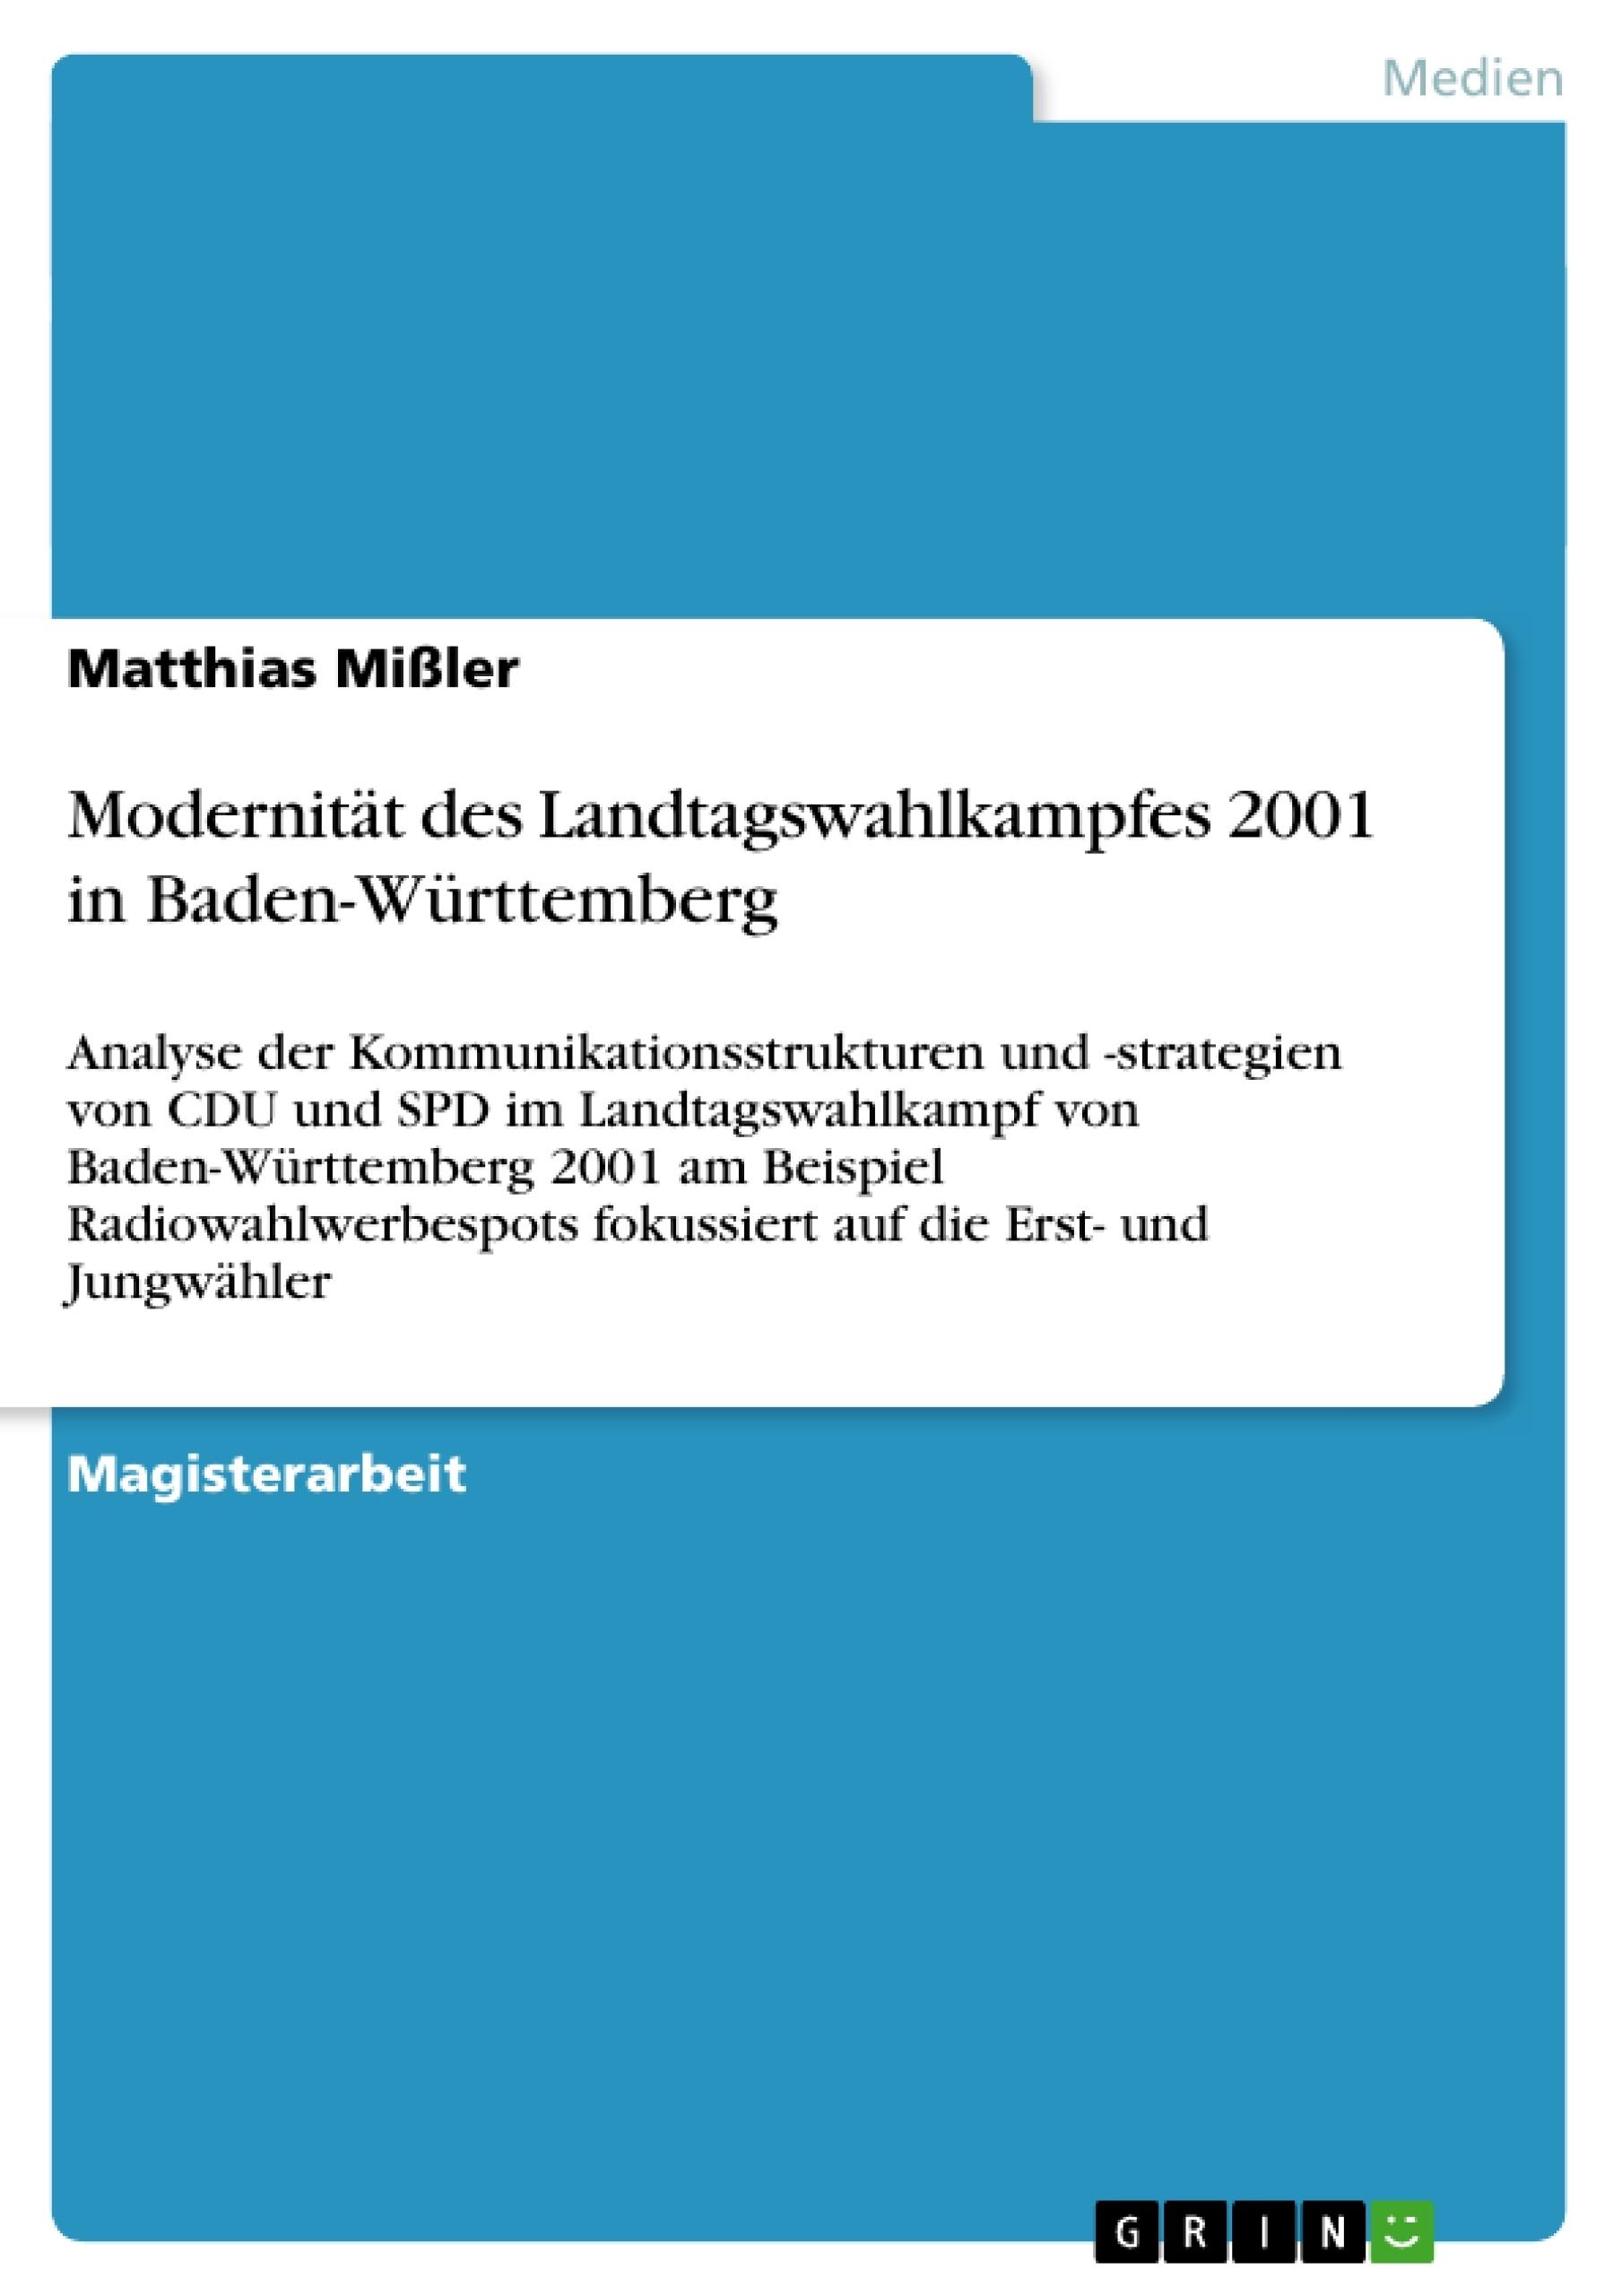 Titel: Modernität des Landtagswahlkampfes 2001 in Baden-Württemberg